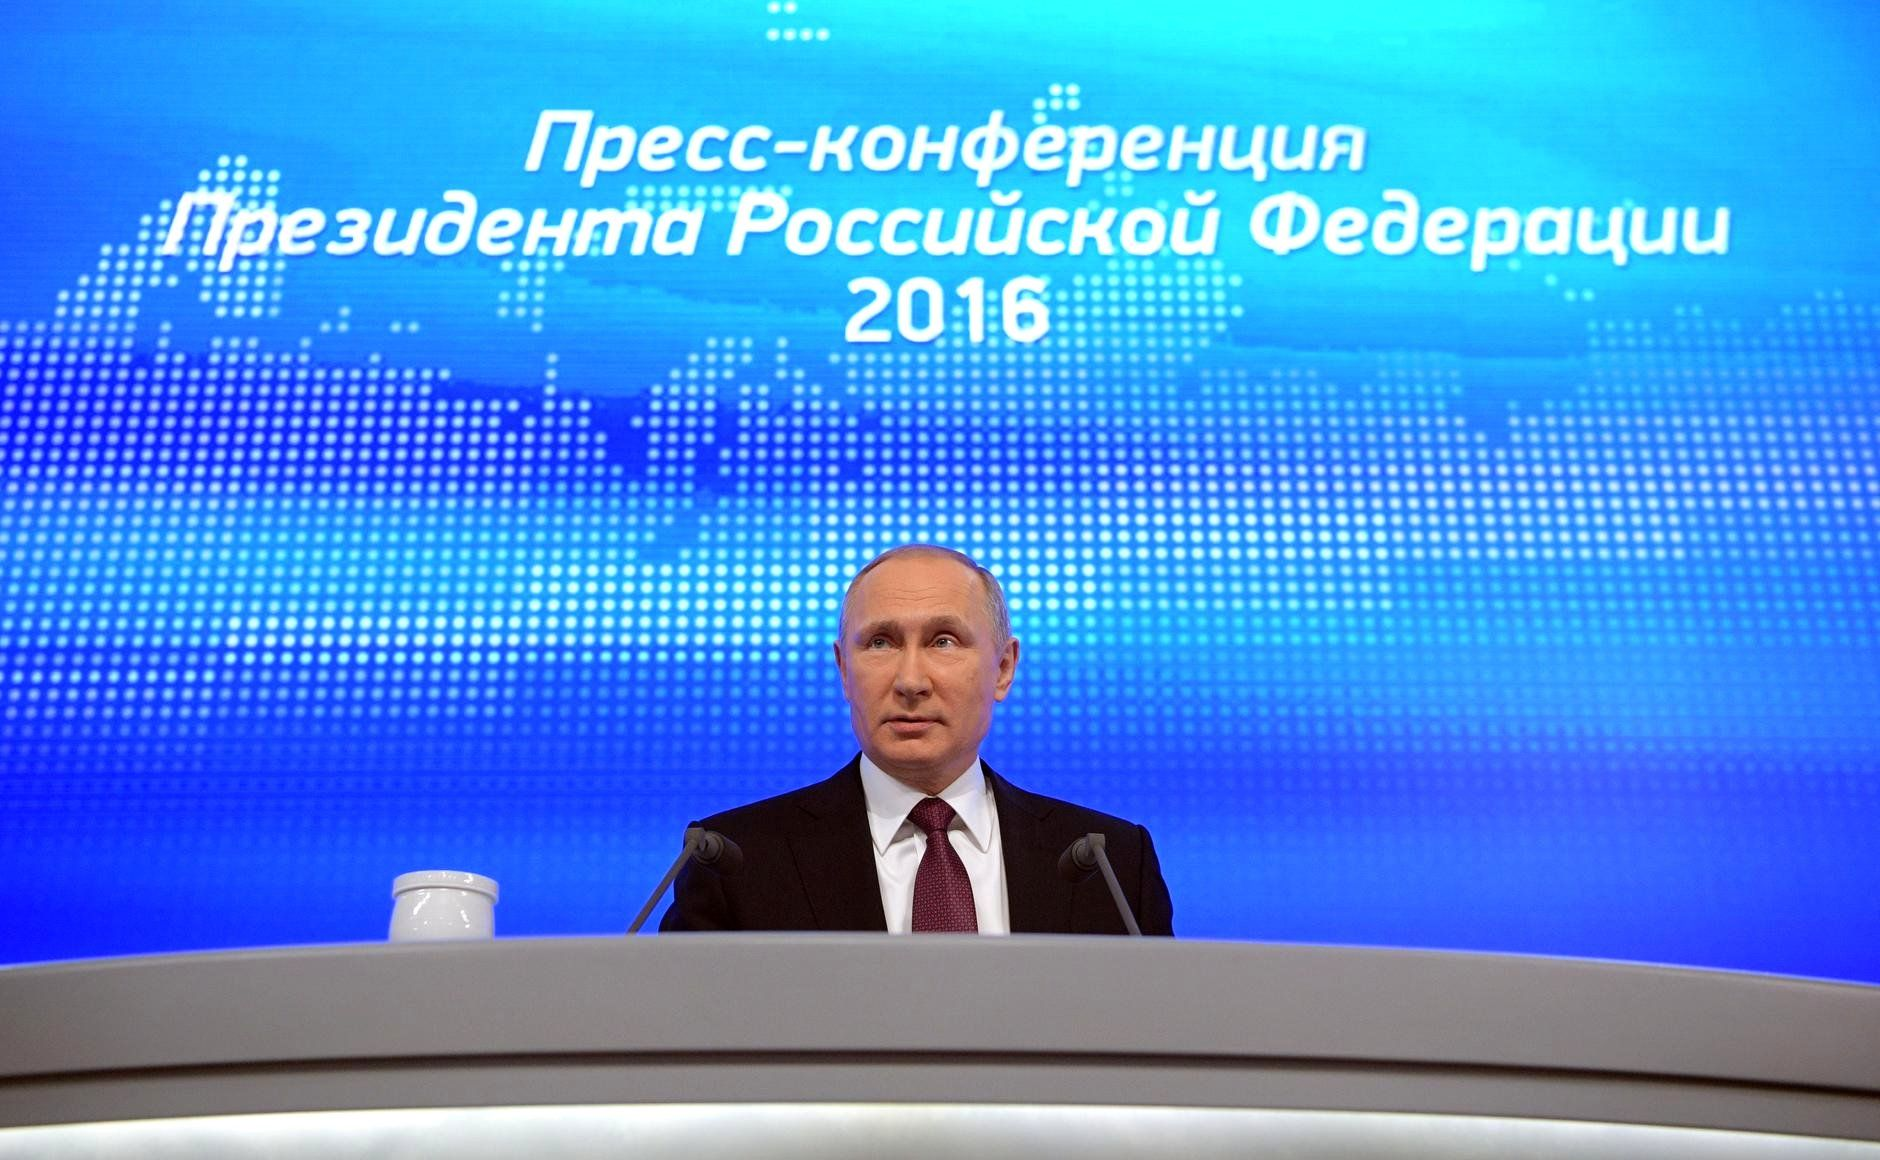 Керченский мост пригодится, когда нормализуются отношения с Украинским государством — Путин